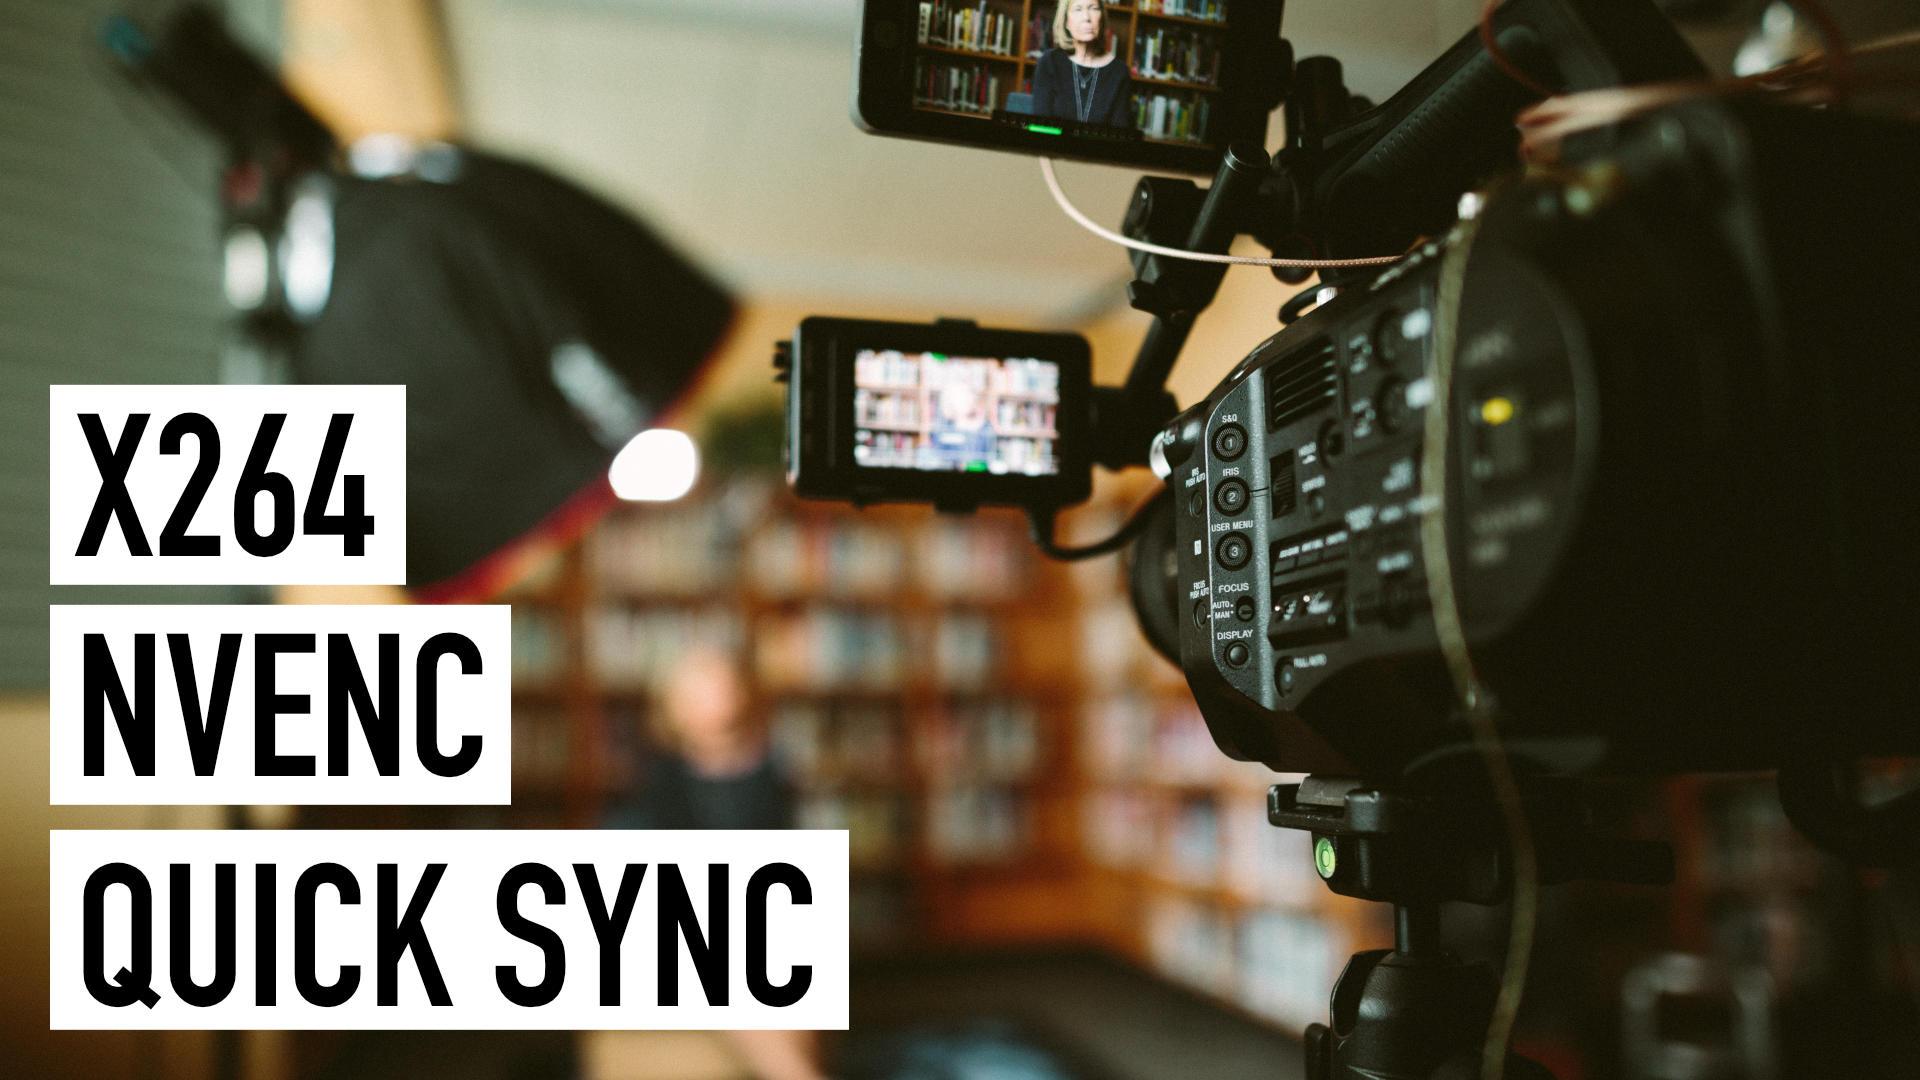 X264 | NVENC | Quick Sync: Wann welcher Encoder die beste Wahl ist